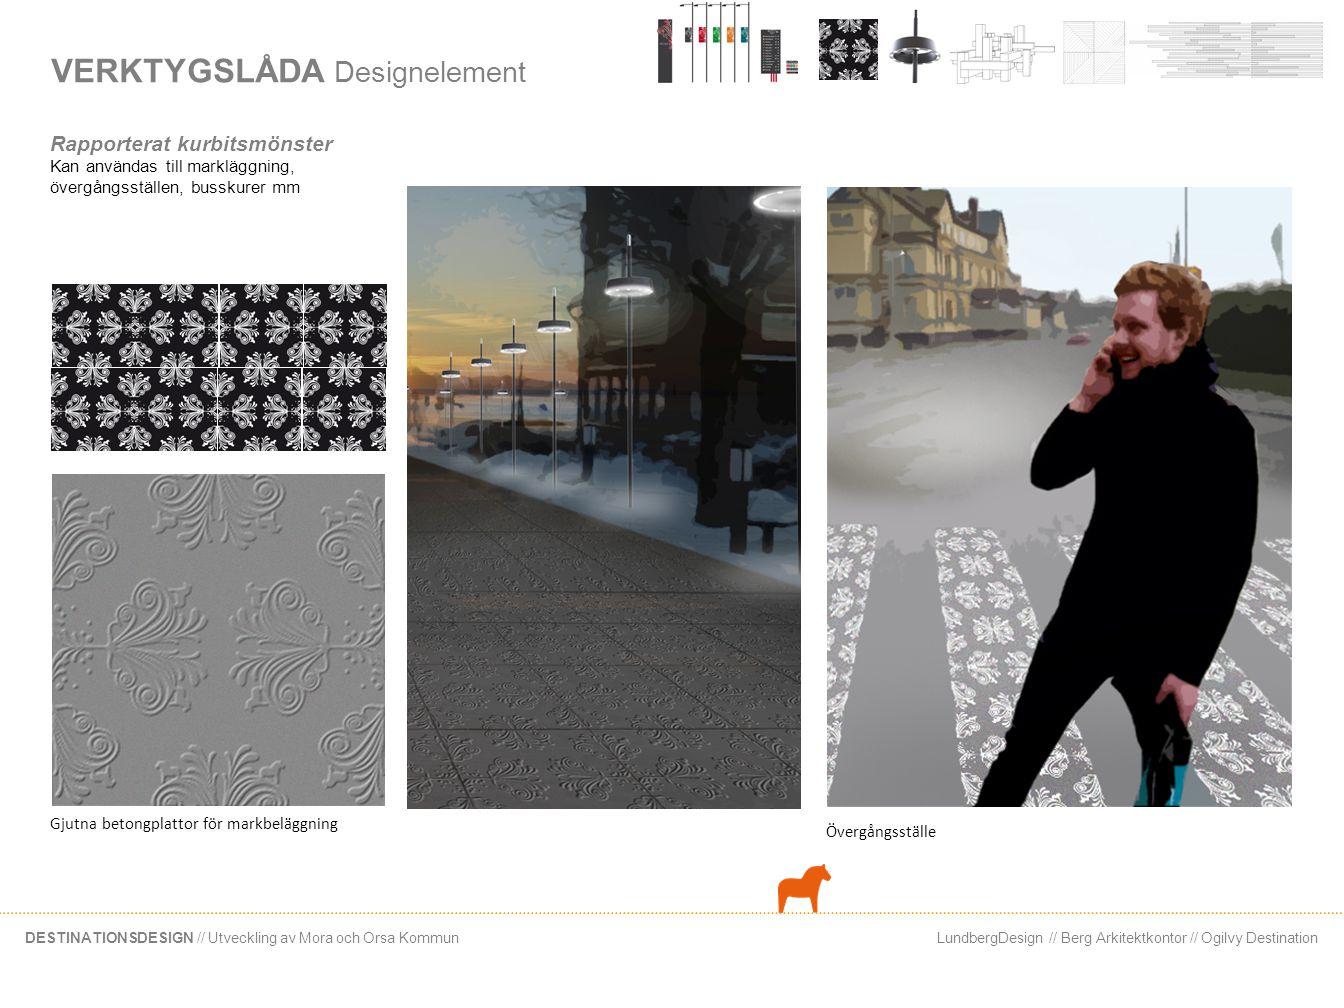 LundbergDesign // Berg Arkitektkontor // Ogilvy DestinationDESTINATIONSDESIGN // Utveckling av Mora och Orsa Kommun Rapporterat kurbitsmönster Kan anv